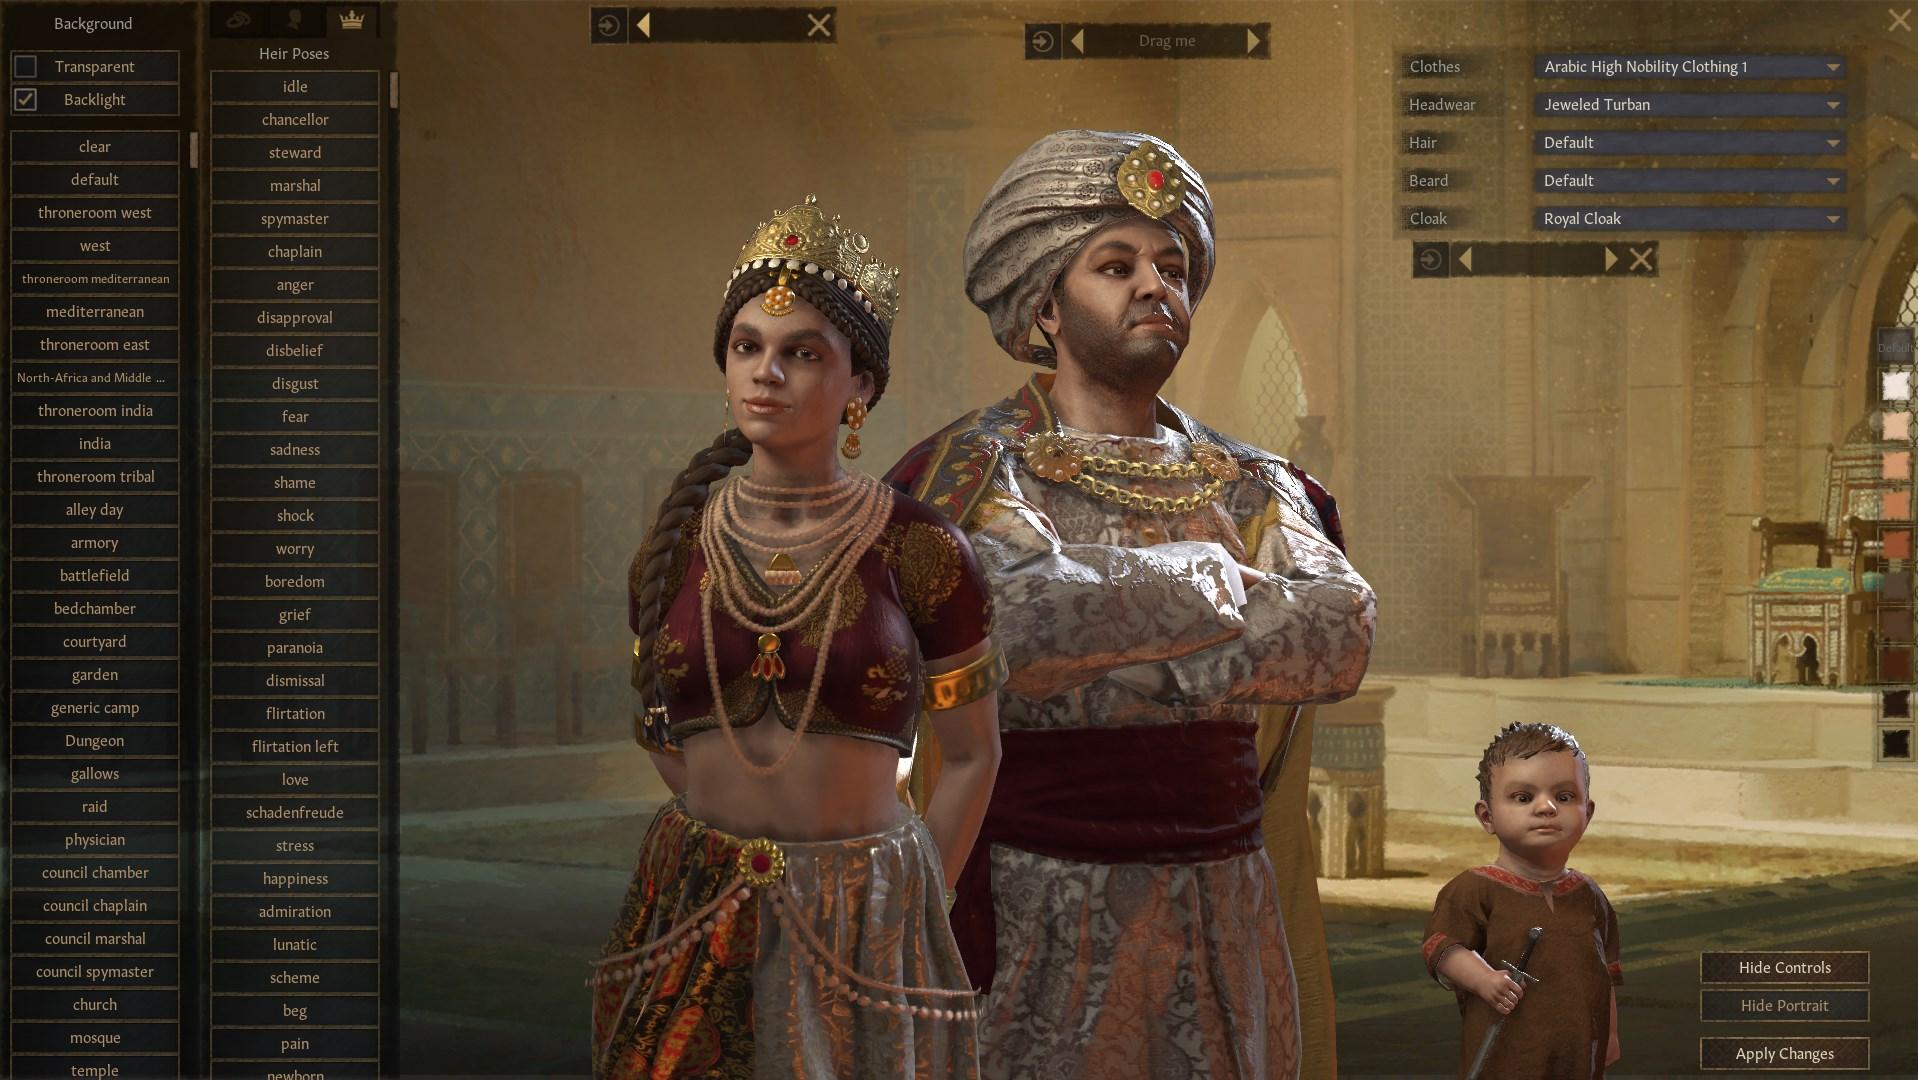 Una captura de pantalla de Crusader Kings 3 que muestra a una familia posando para una captura de pantalla.  El nuevo menú tiene selecciones para poses y el fondo de las obras de arte.